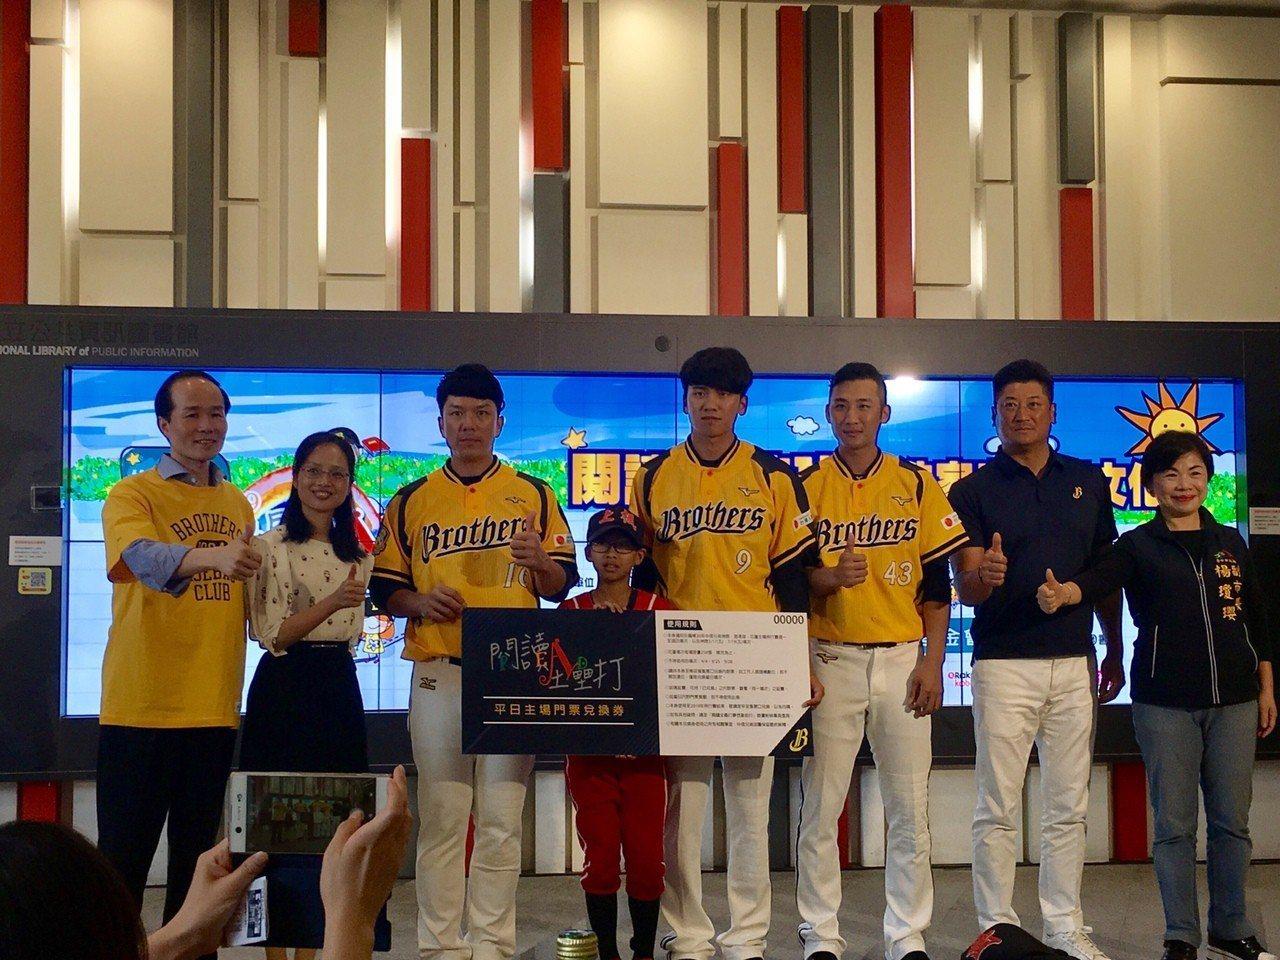 「2019閱讀全壘打-夢想象前行」啟動活動現場,並贈票給上楓國小棒球隊代表領獎的...